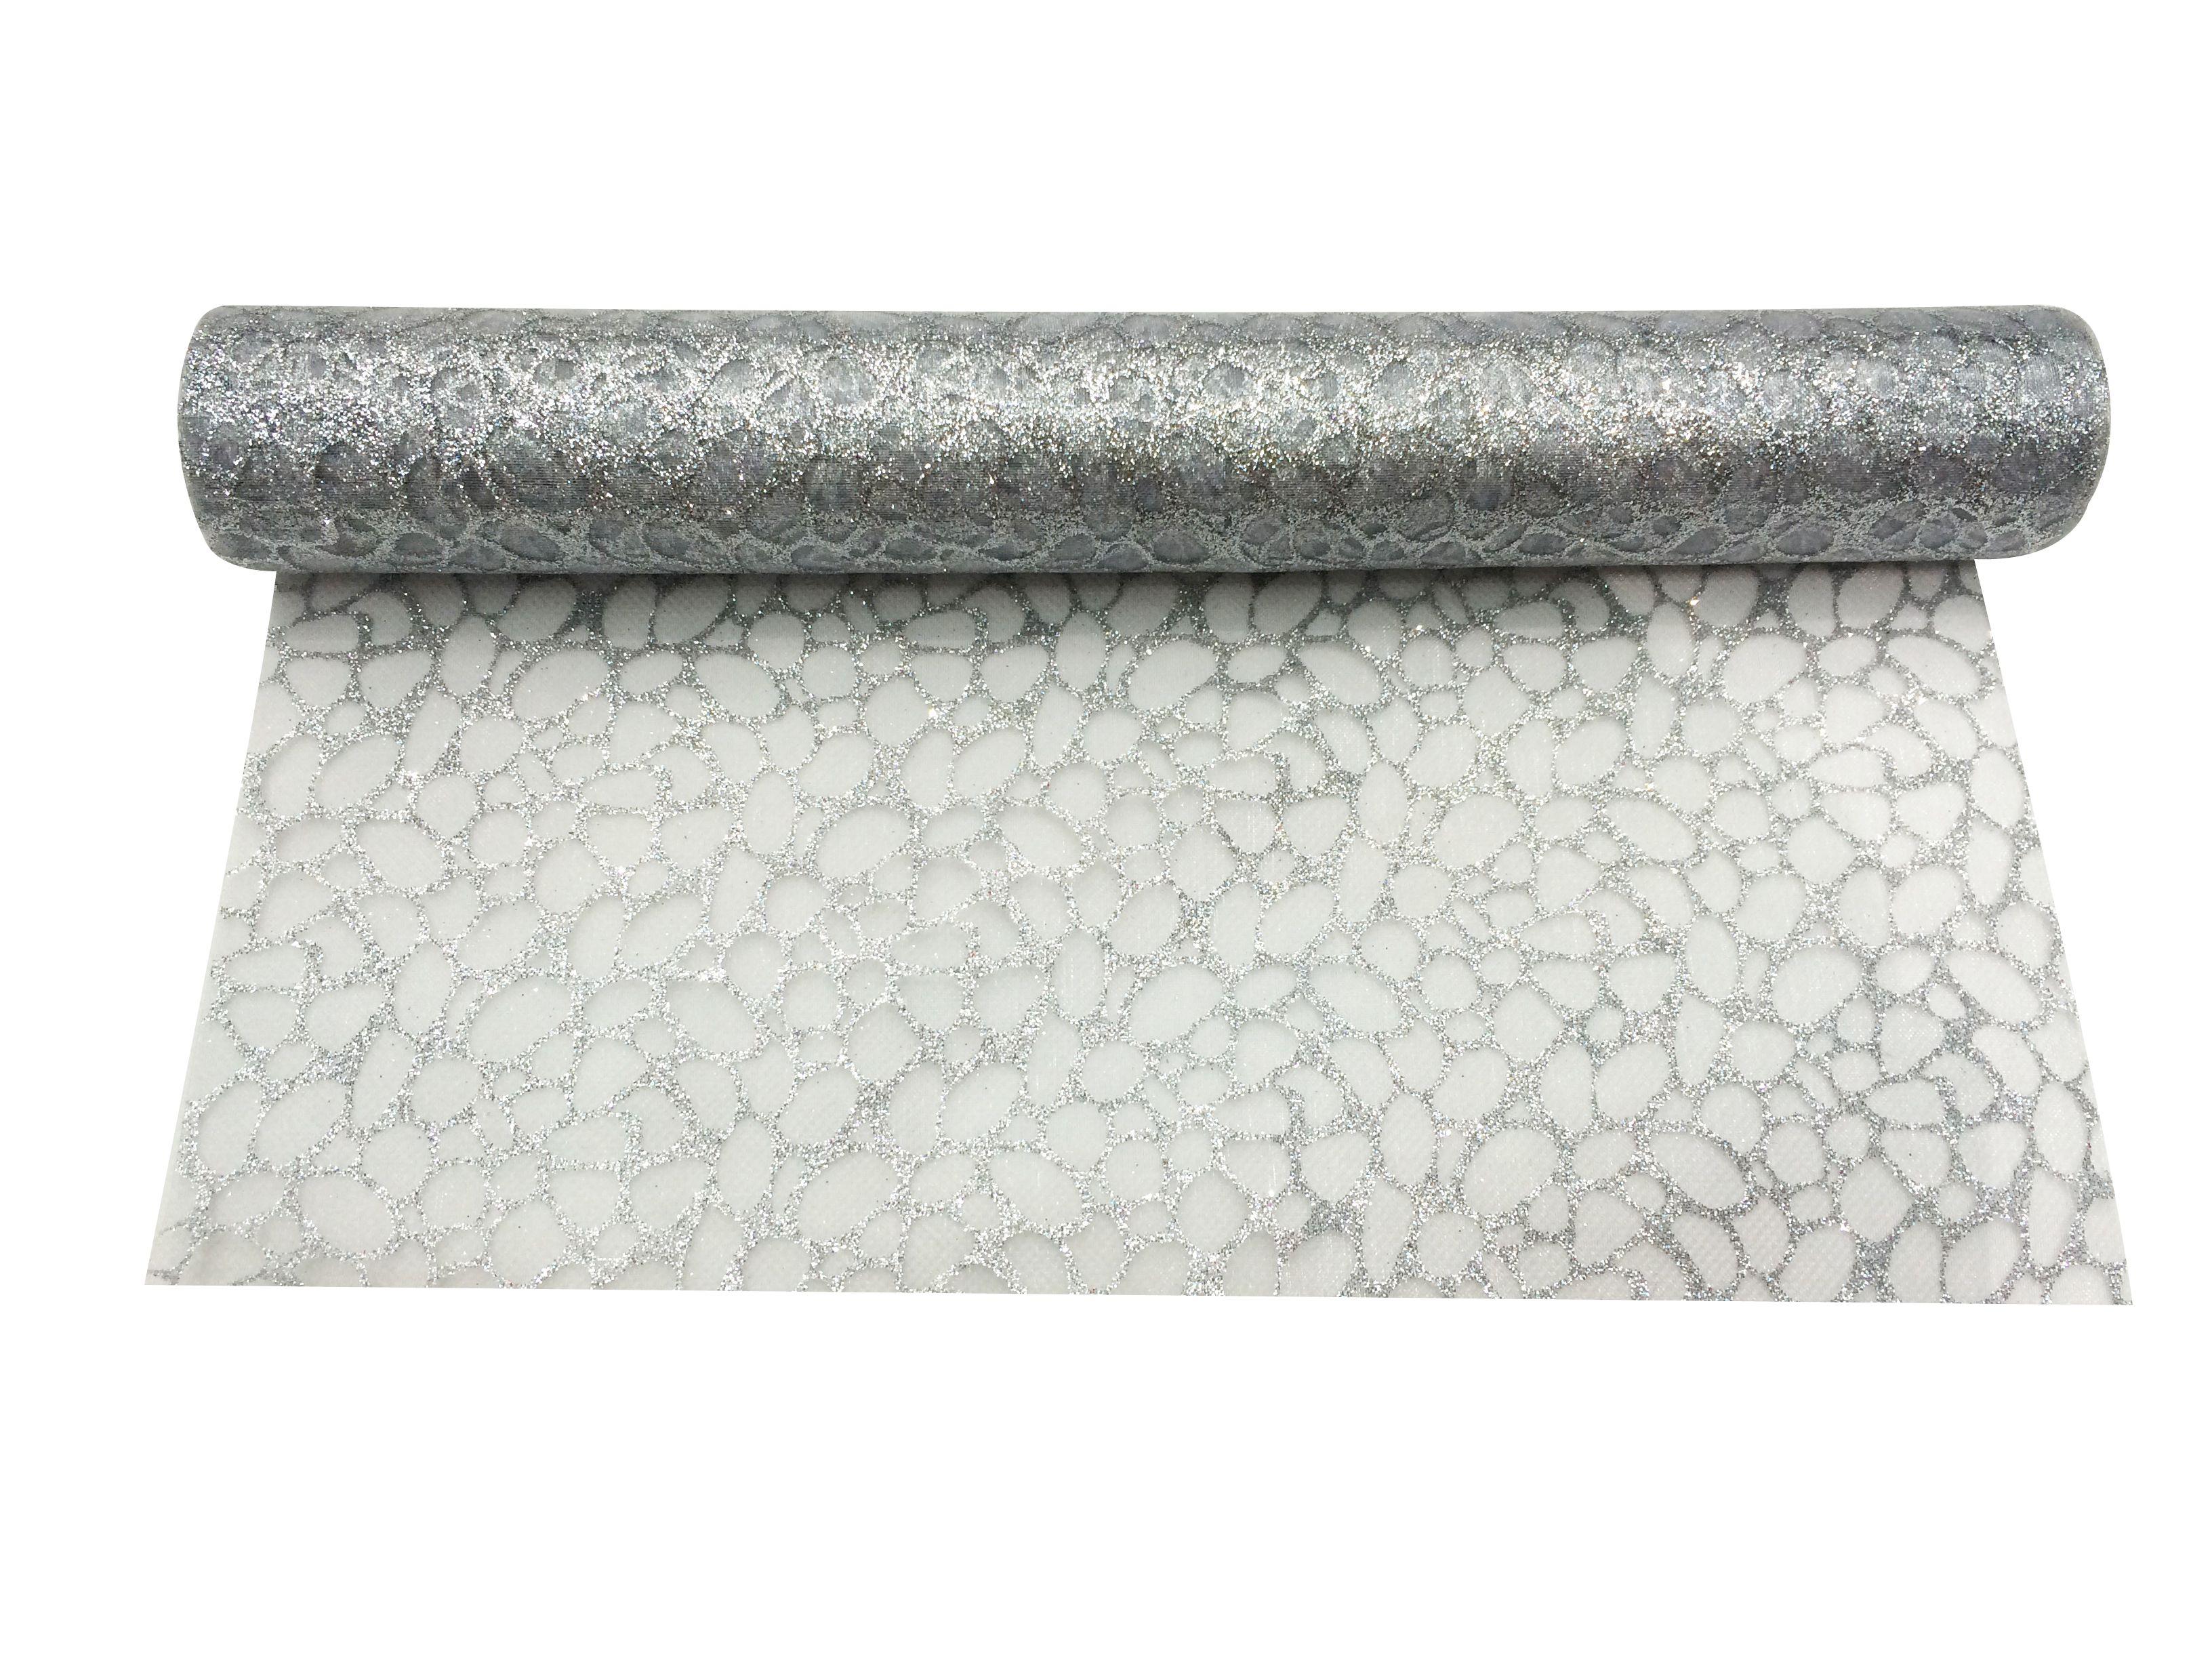 chemin de table rouleau organza 30 cm x 5 m articles de f te vaisselles jetables le. Black Bedroom Furniture Sets. Home Design Ideas